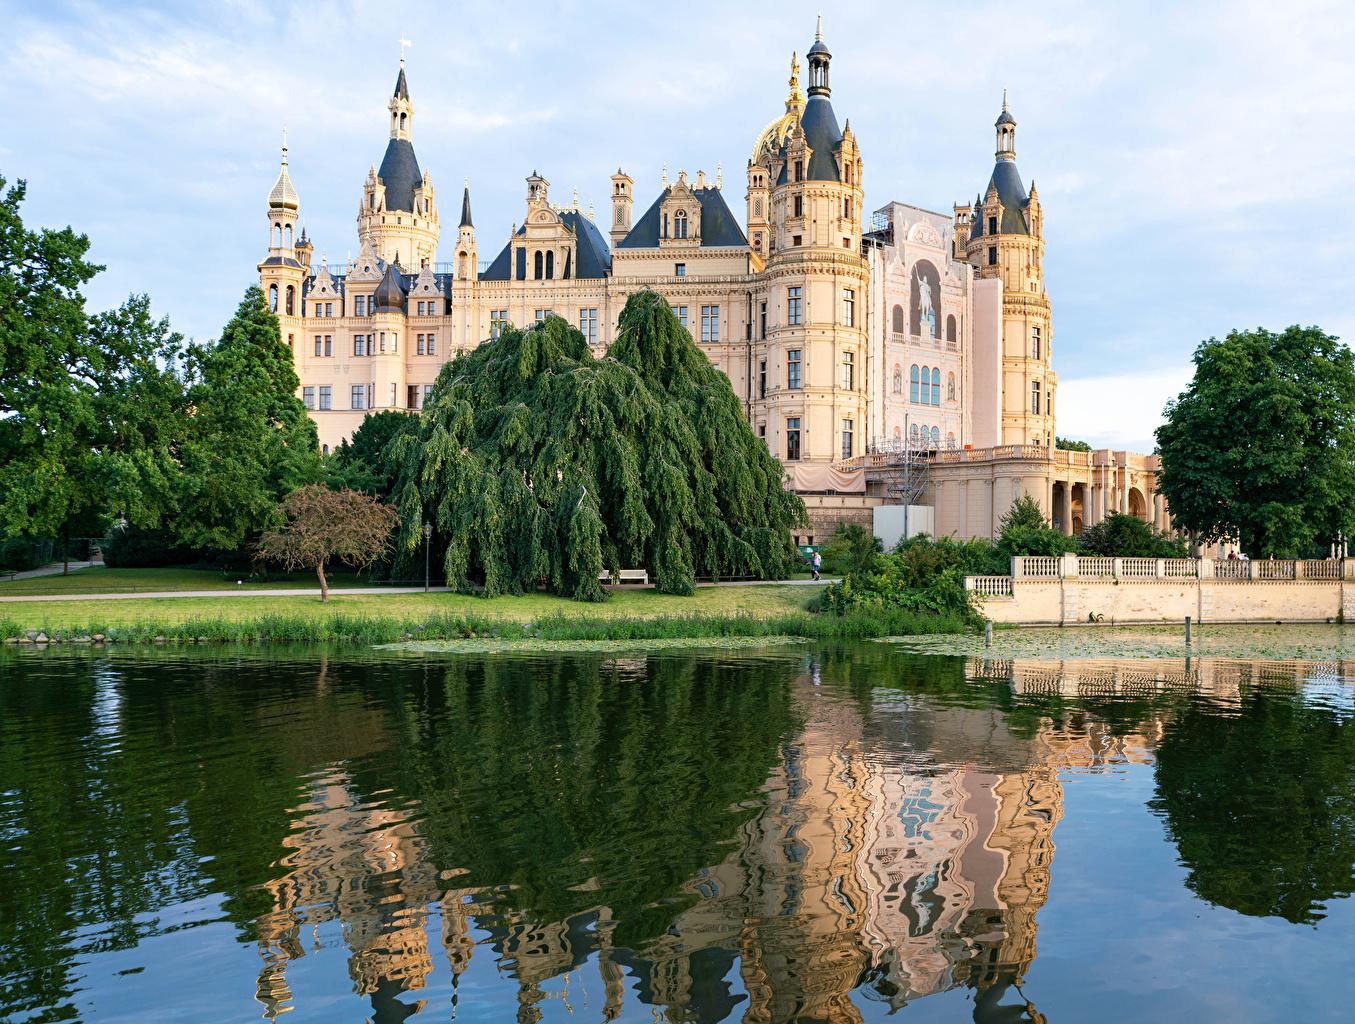 Bilder Deutschland Schwerin castle Burg See Städte